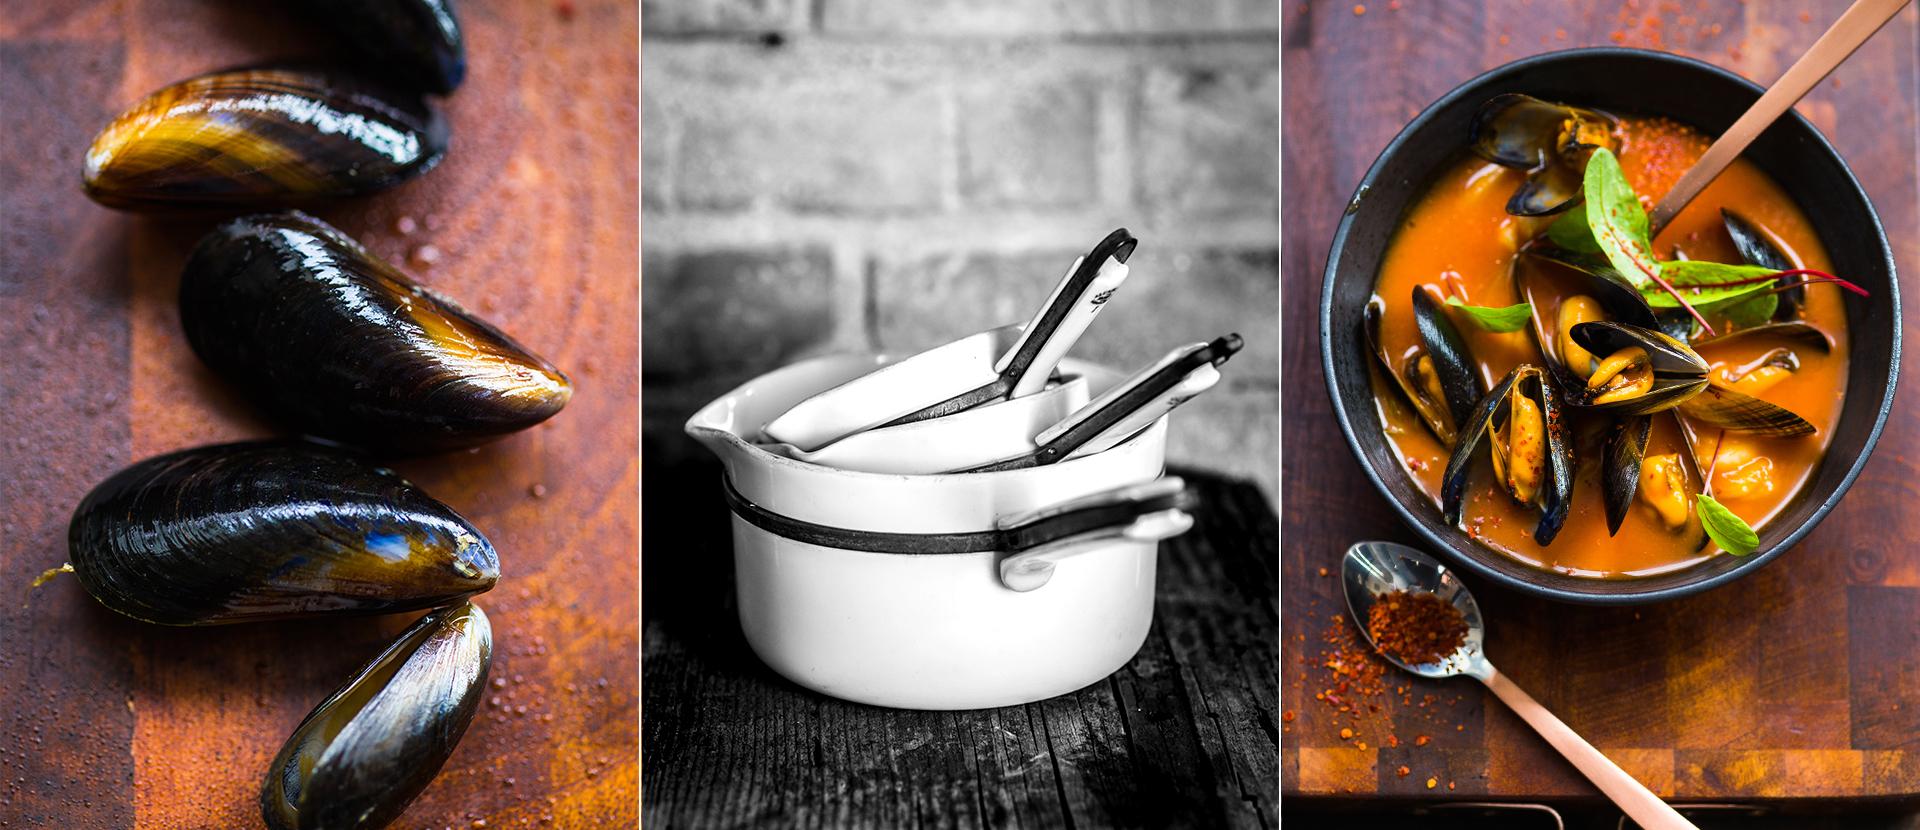 Bouillabaisse und Stillife von franzoesischen Toepfen fotografiert von Stilllife fotografie Katrin Winner